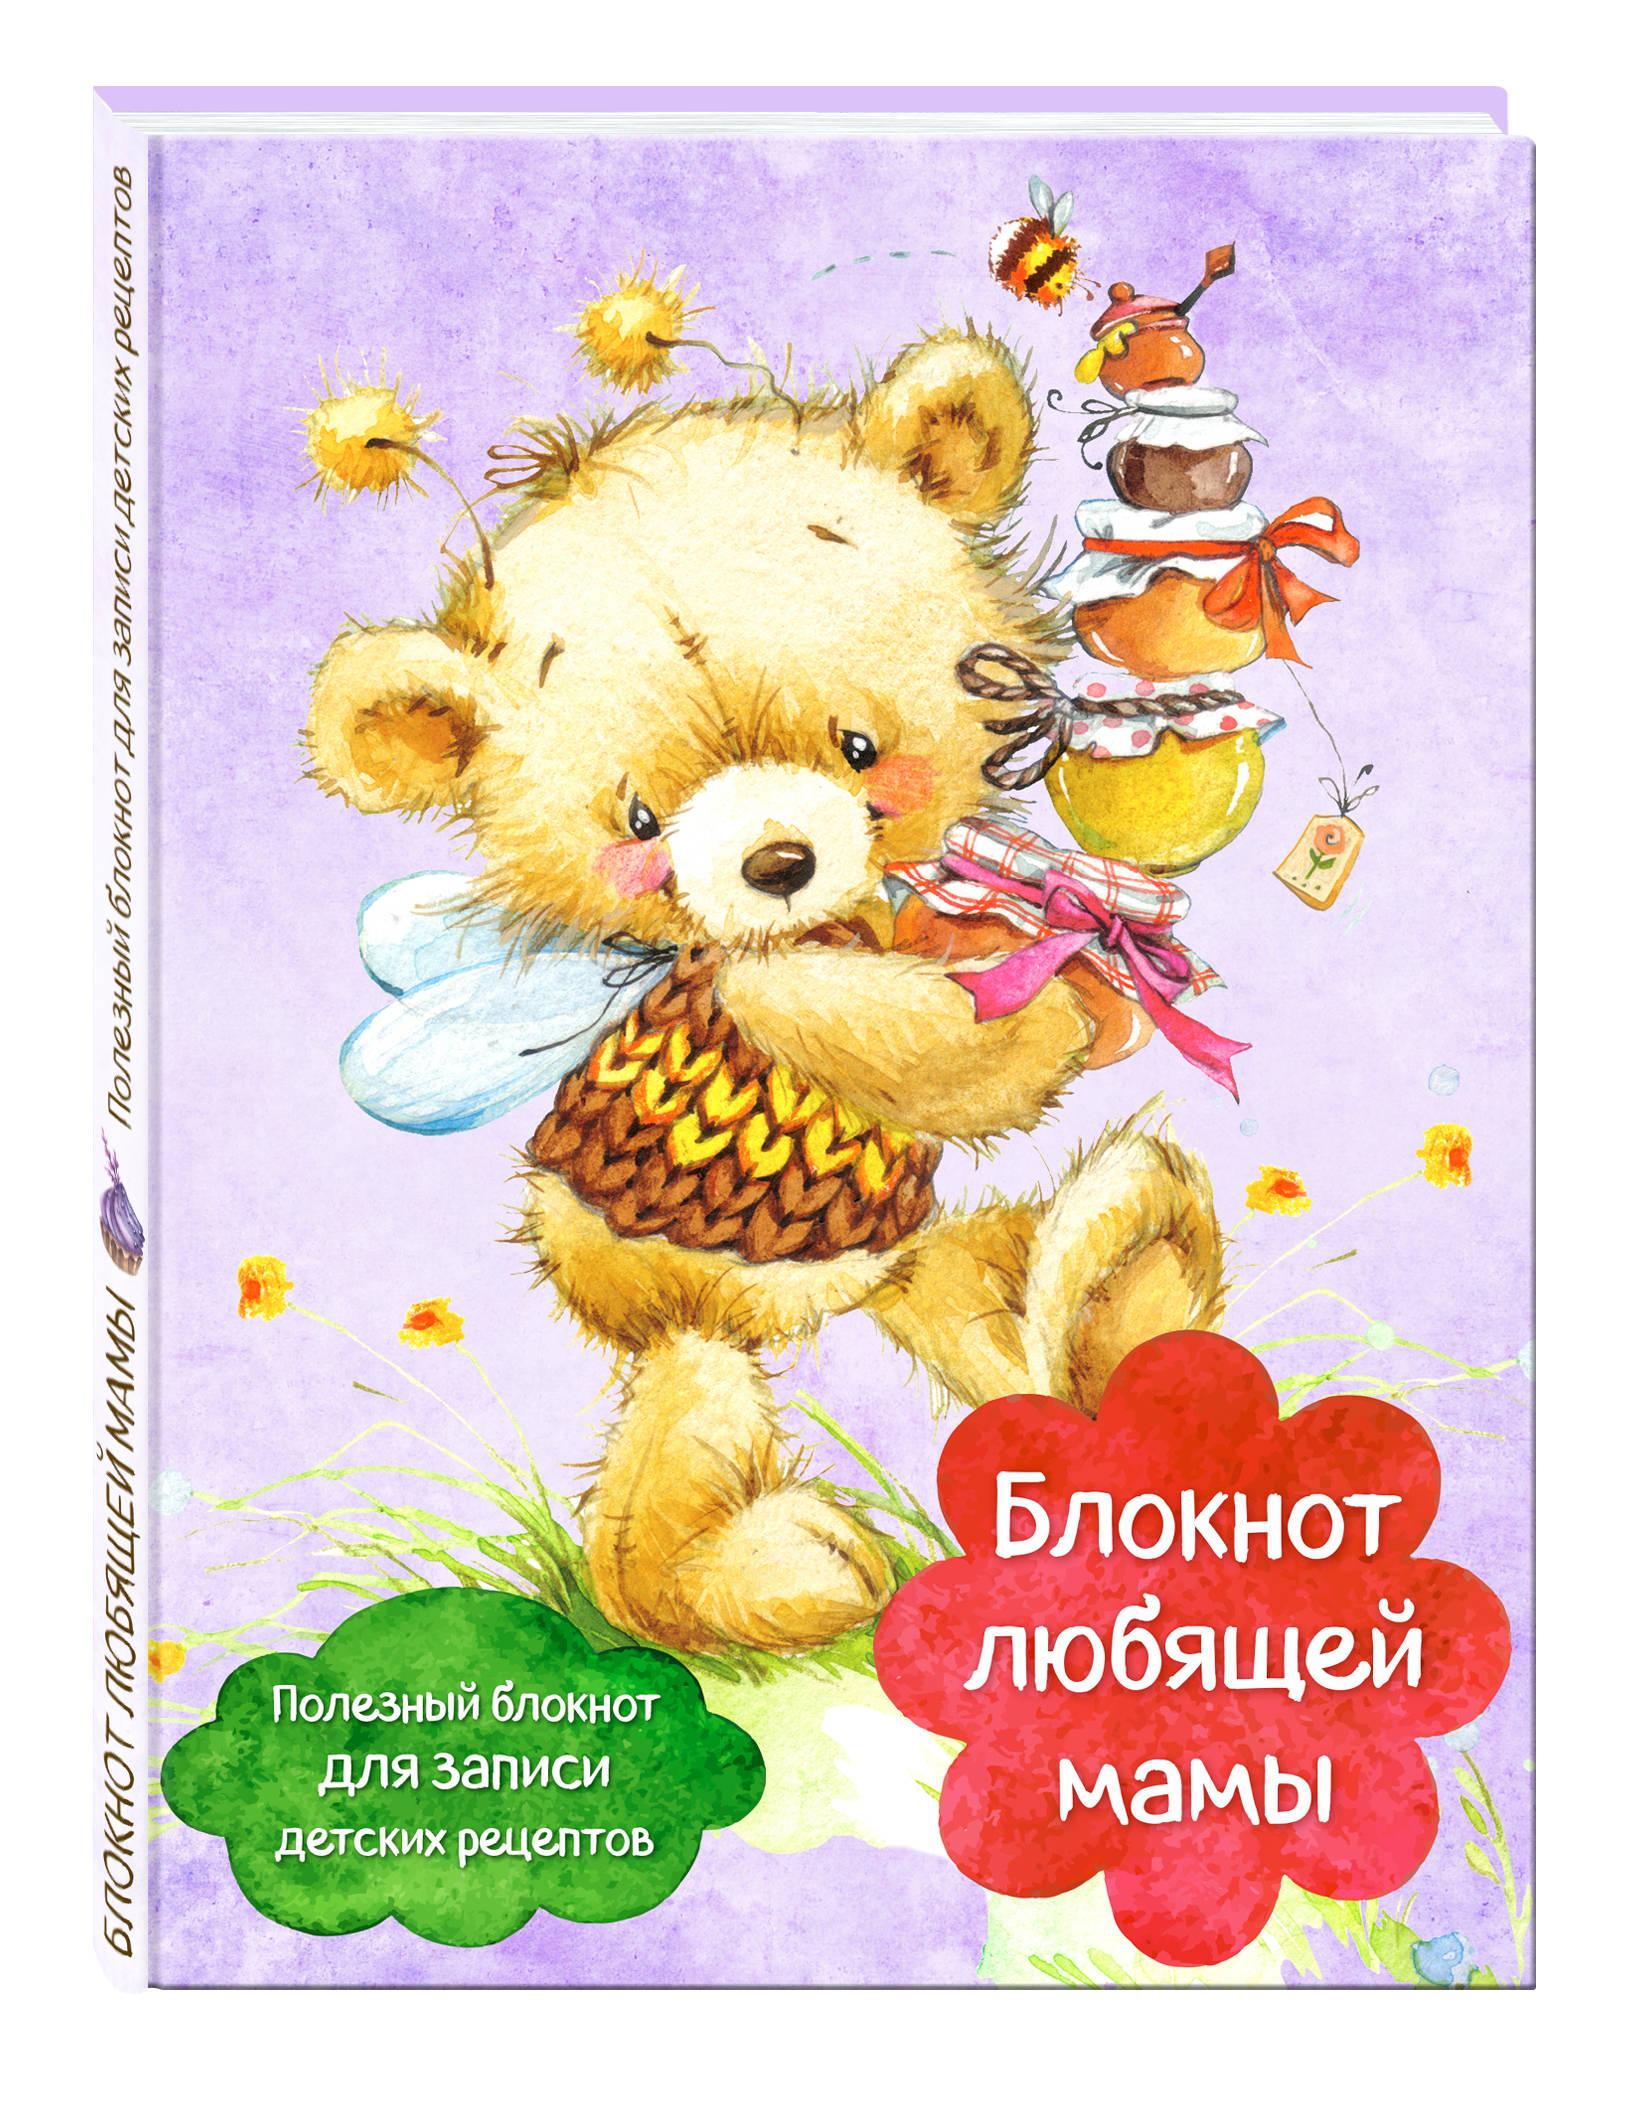 Блокнот любящей мамы. Полезные блокноты для записи детских рецептов (Мед и пчелы) книга рецептов